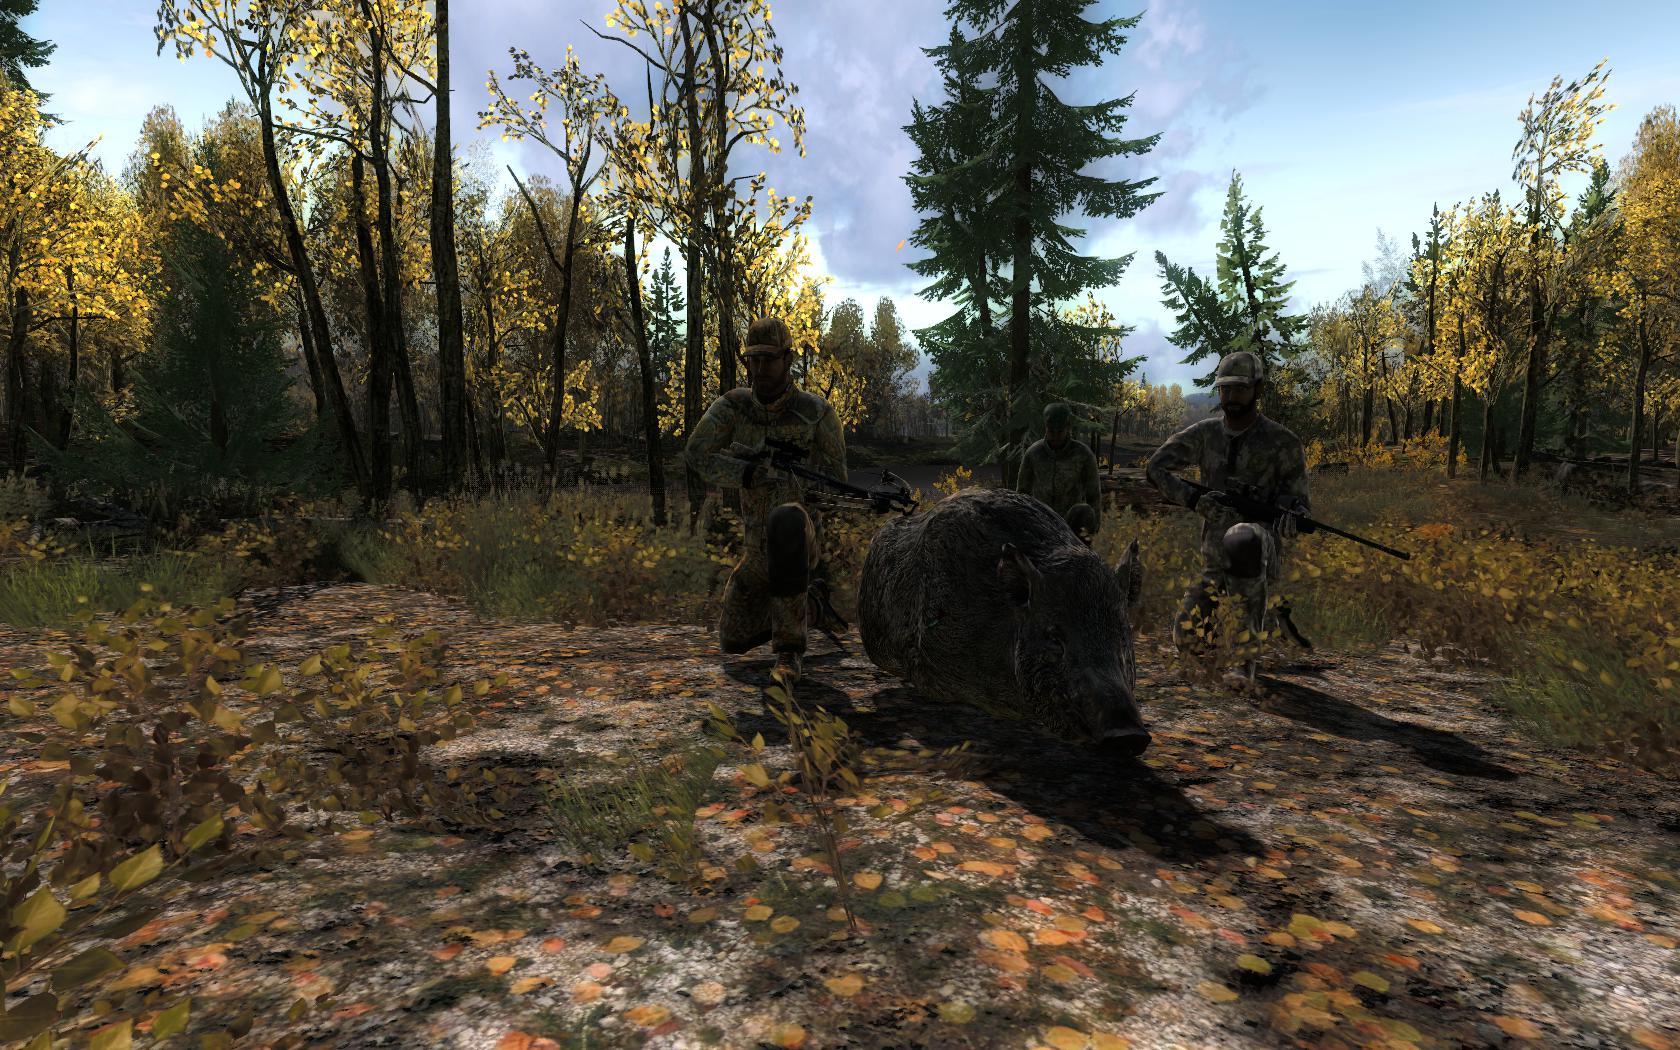 Fotografie in multiplayer con i Nostri AMICI - Pagina 4 3377abcc1b8e17ec77d5ab20da2ebe37981ee003